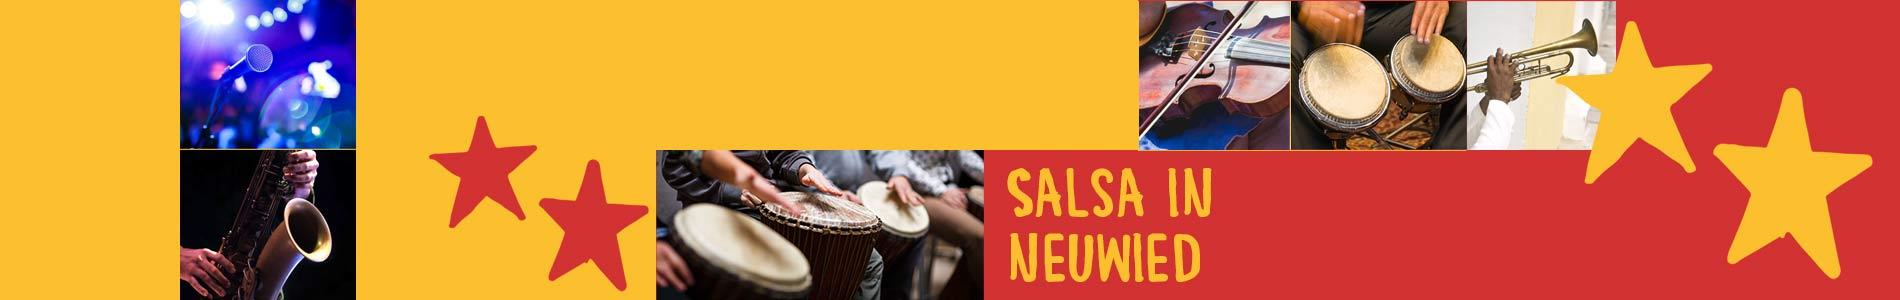 Salsa in Neuwied – Salsa lernen und tanzen, Tanzkurse, Partys, Veranstaltungen